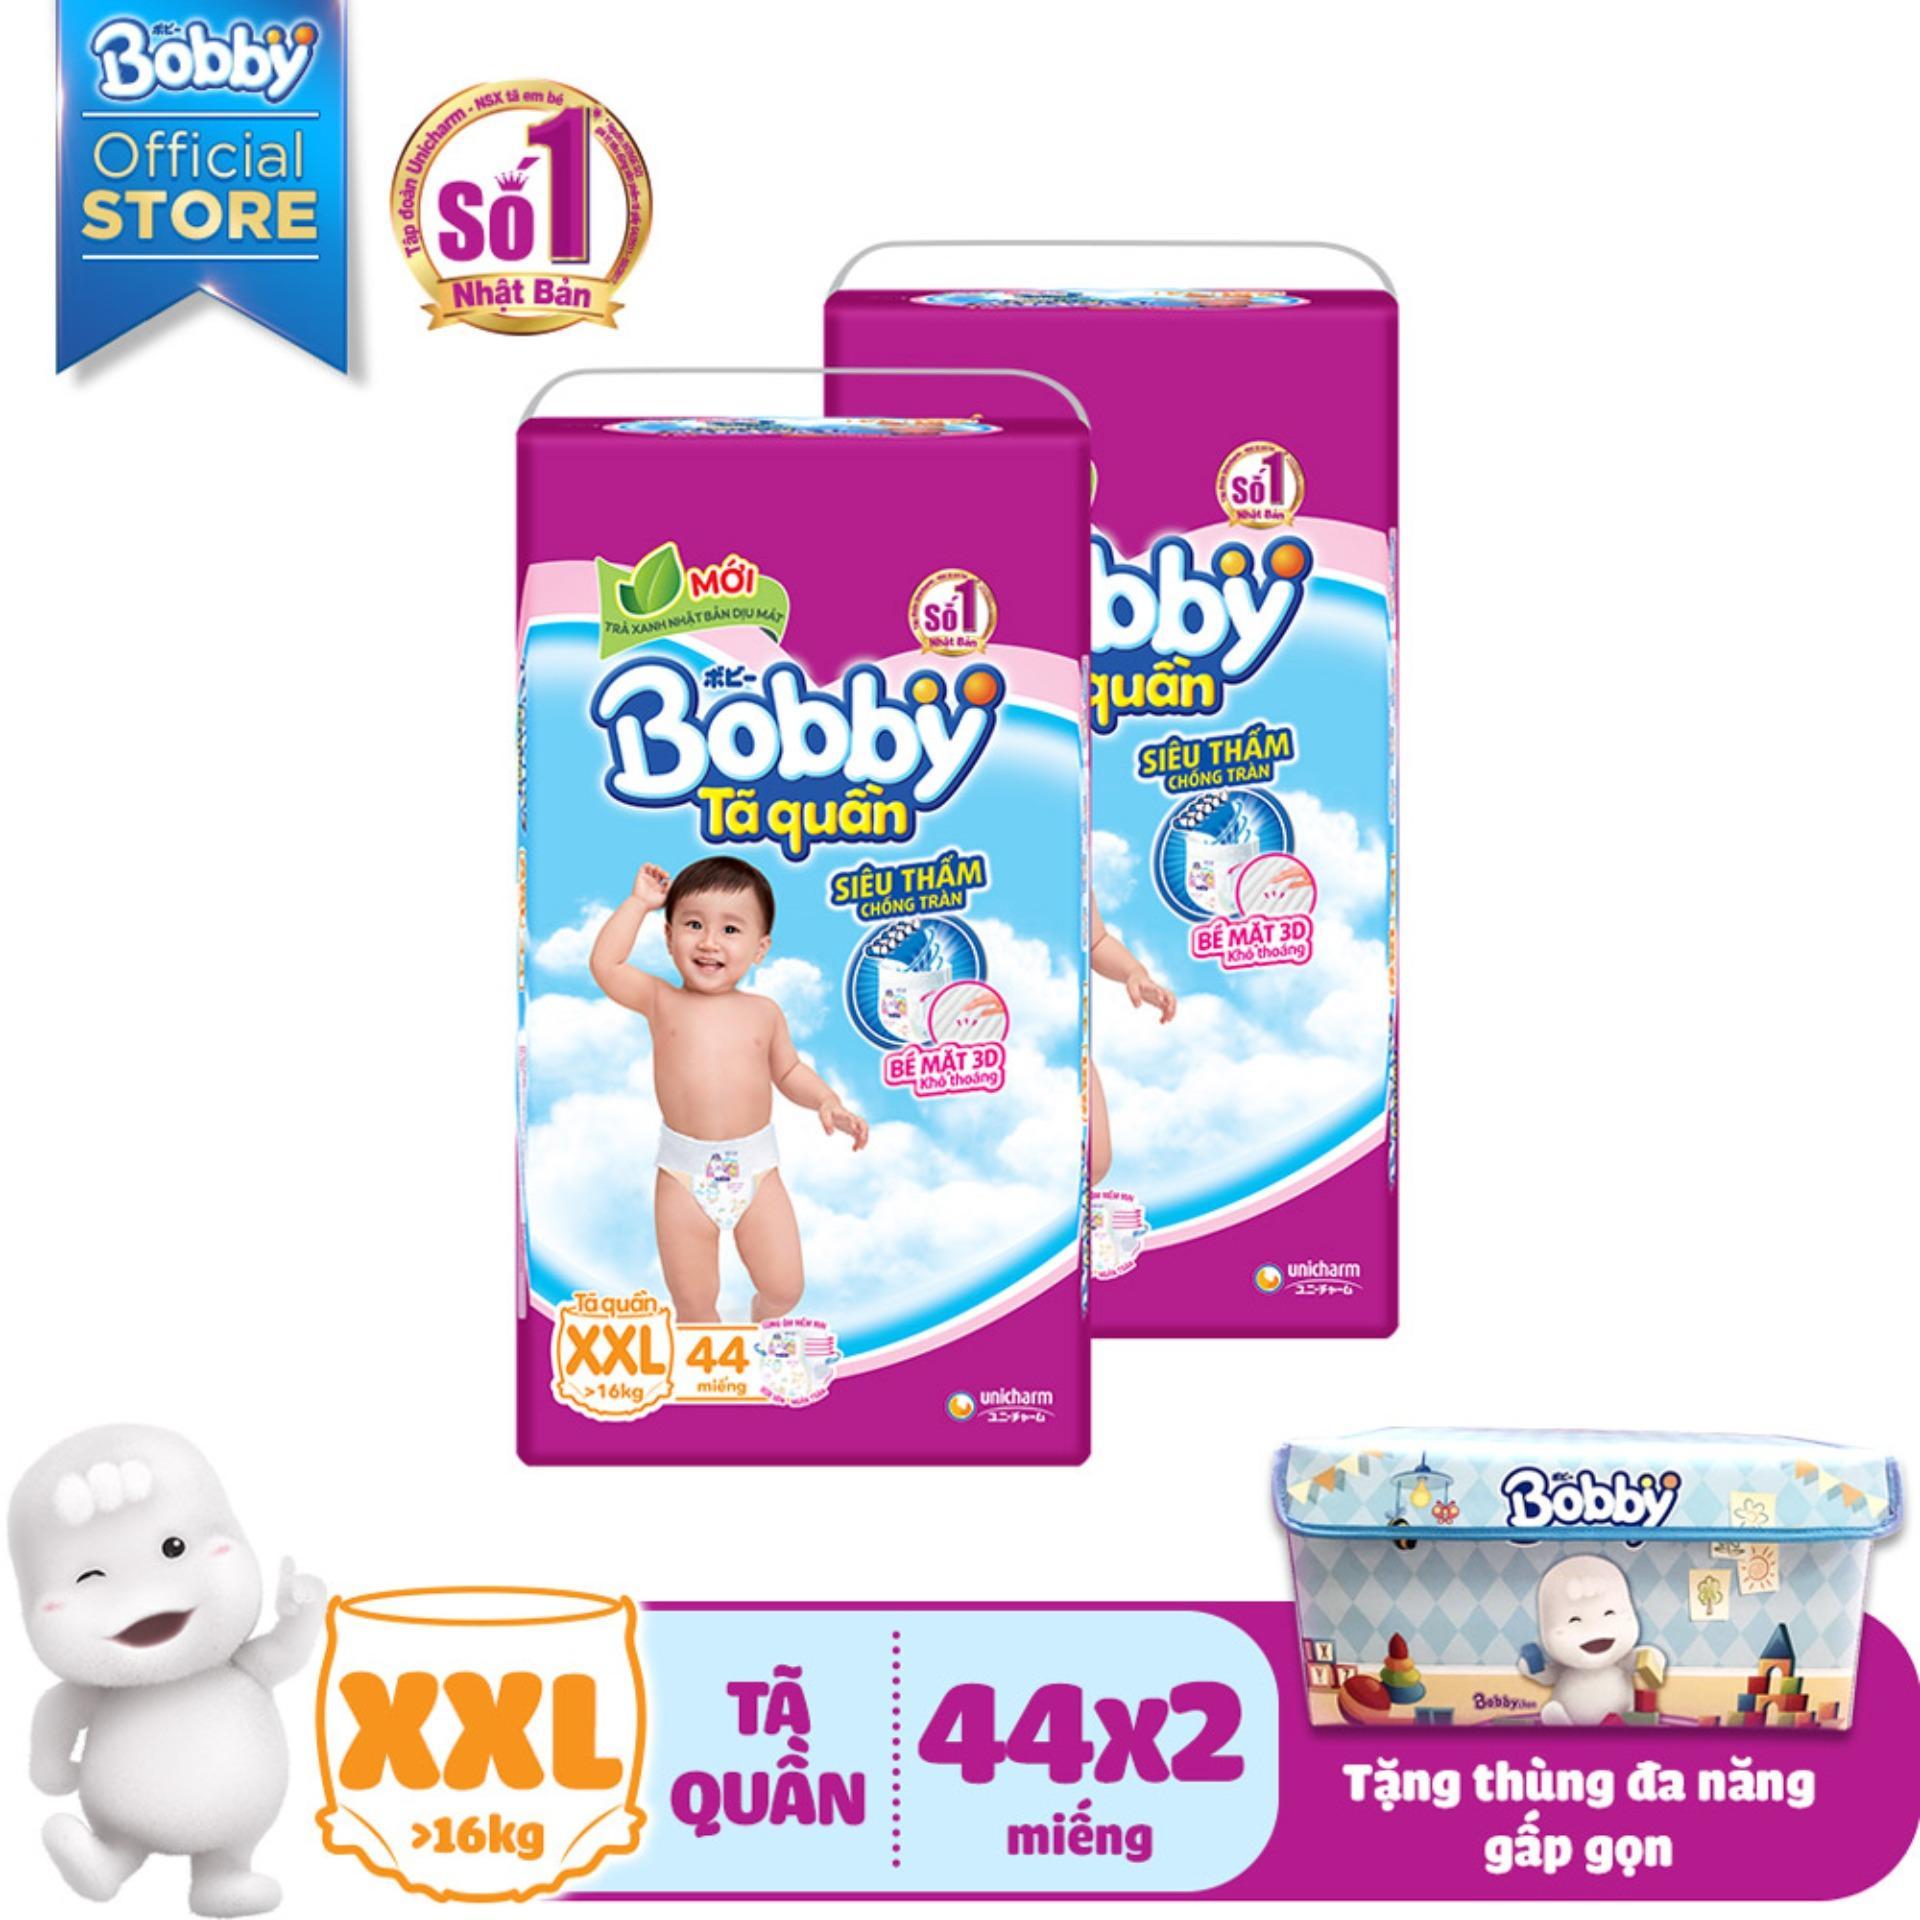 [Kèm Quà] Bộ 2 bỉm/tã quần Bobby (rãnh thấm kim cương) gói siêu lớn XXL 44 miếng (<16kg) kèm 1 Hộp đa năng